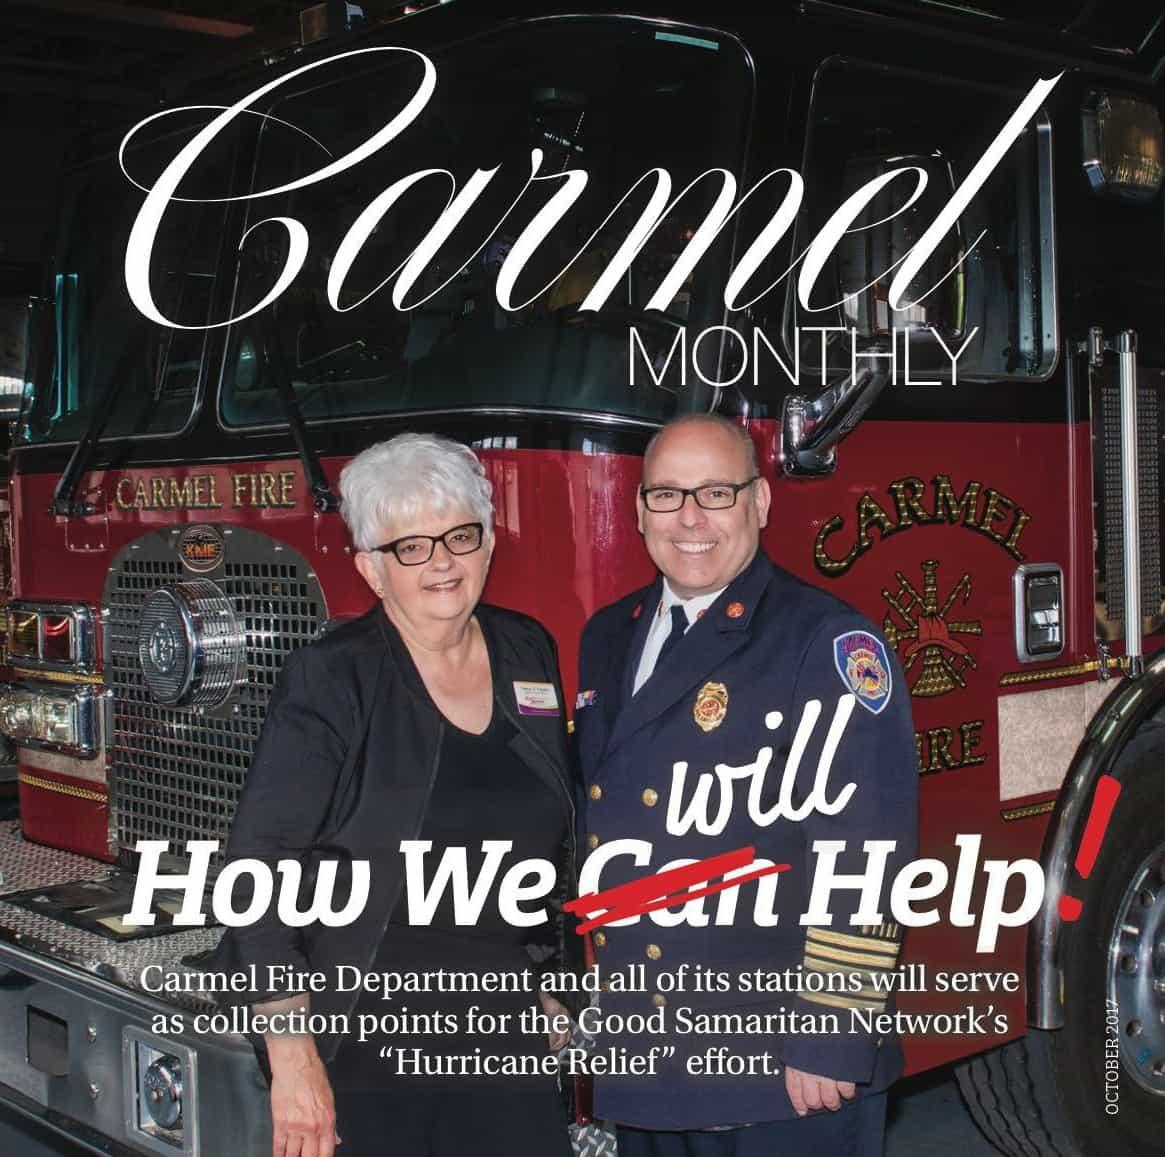 How We Will Help – Hurricane Relief effort